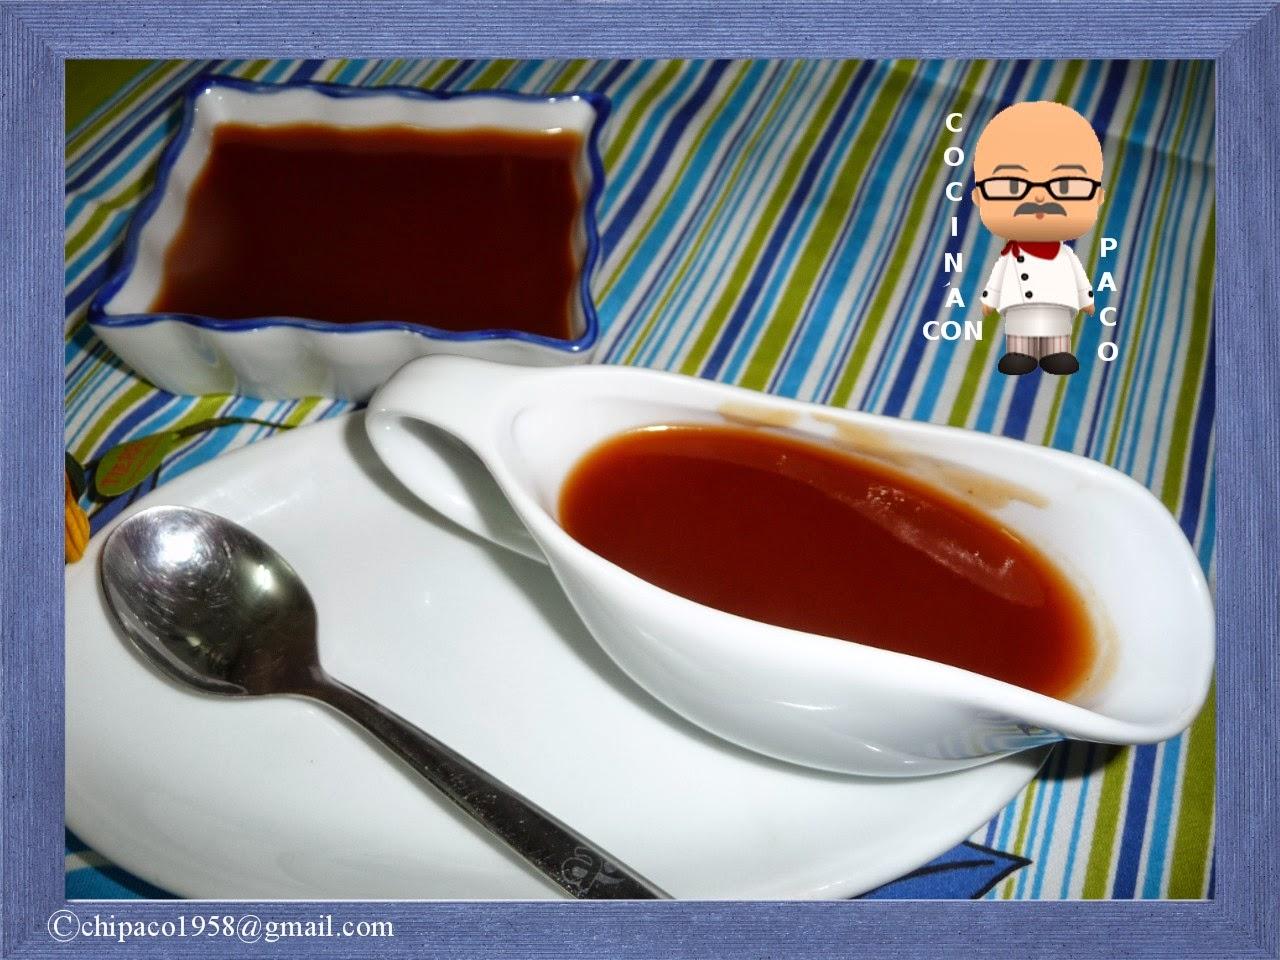 Cocina con paco salsa agridulce - Cocina con paco ...